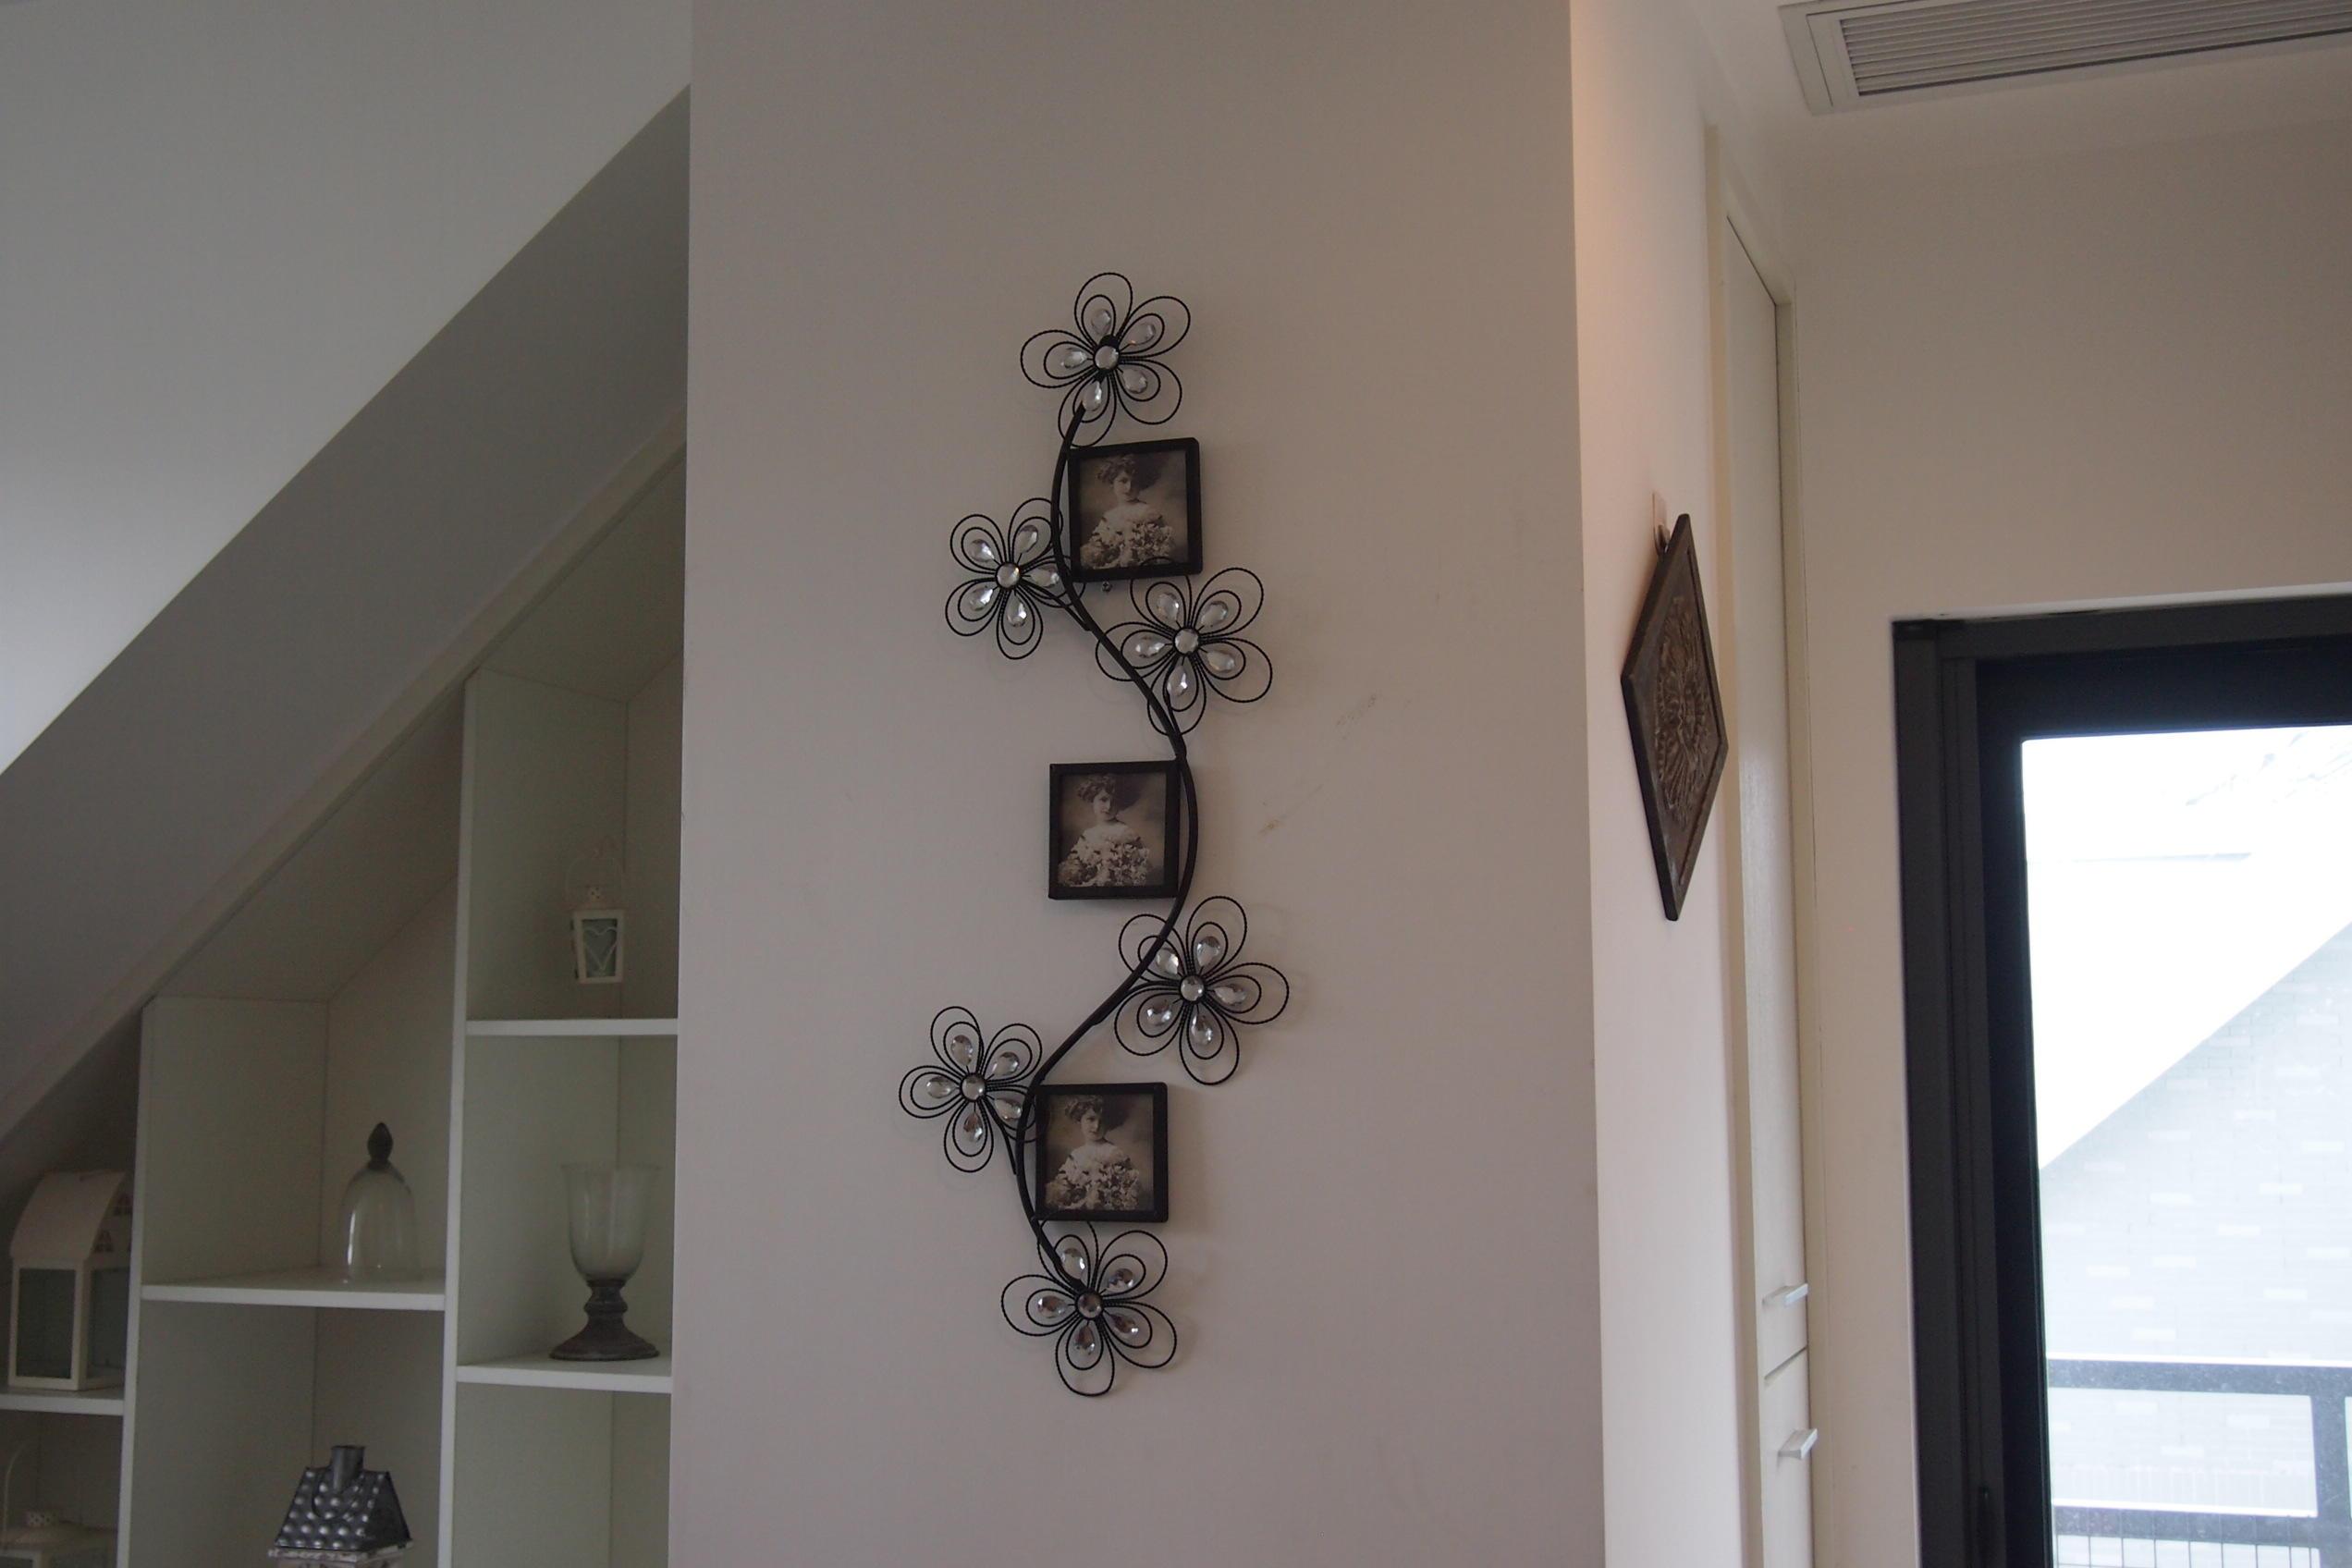 漫邸软饰美式复古铁艺相框 欧式创意组合像框壁挂 精美墙饰